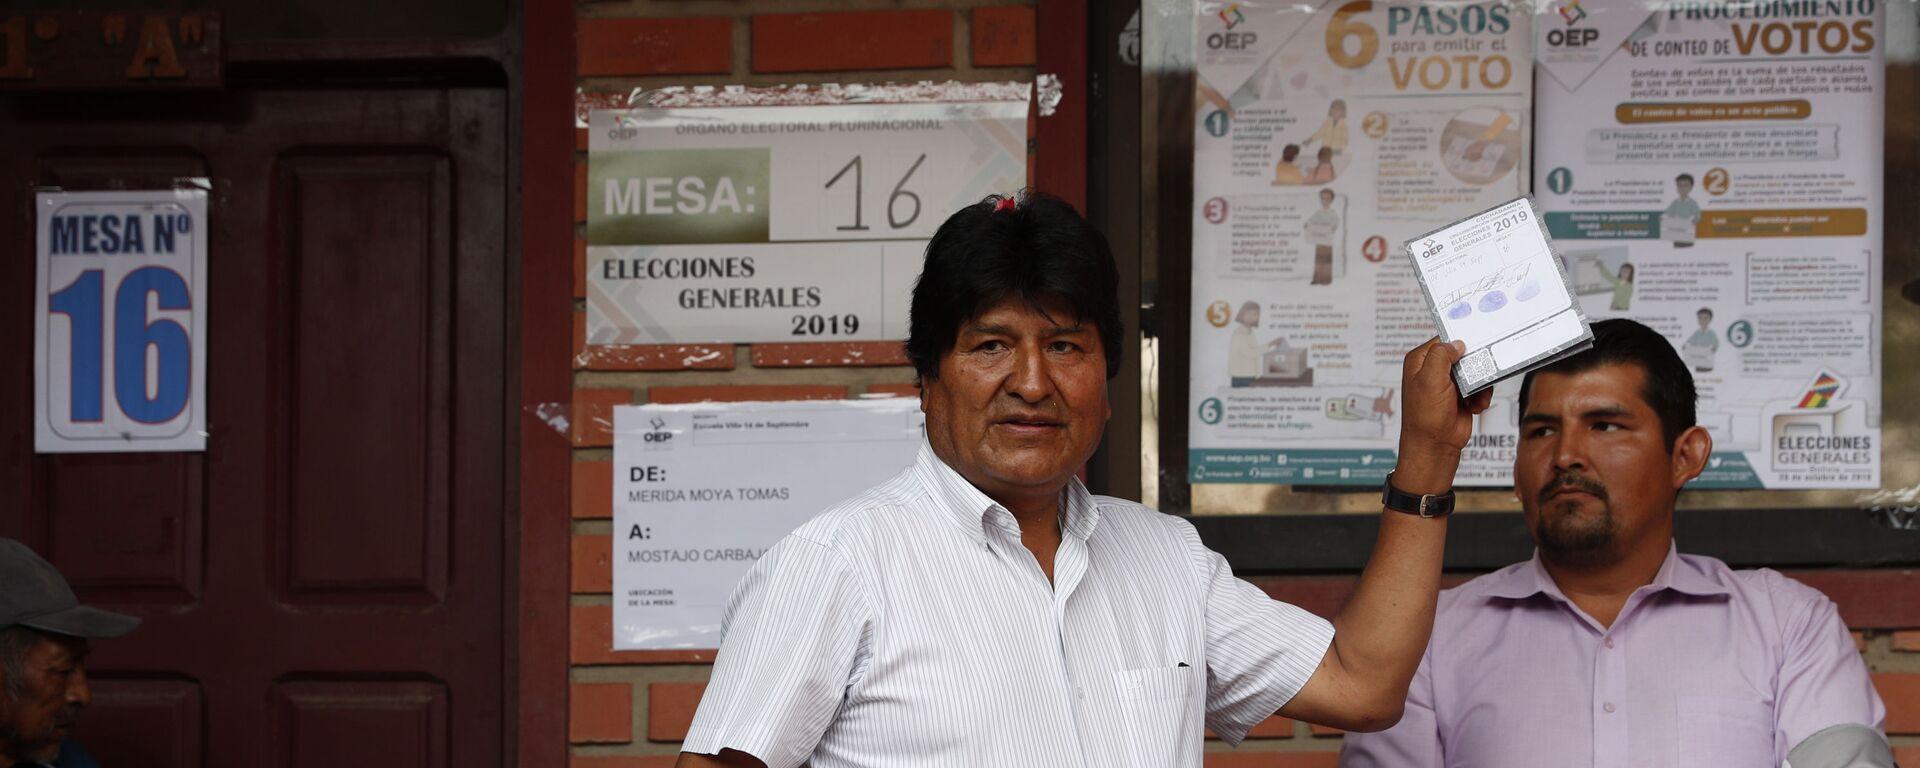 Evo Morales votando durante las elecciones de octubre de 2019 en Bolivia - Sputnik Mundo, 1920, 27.07.2021